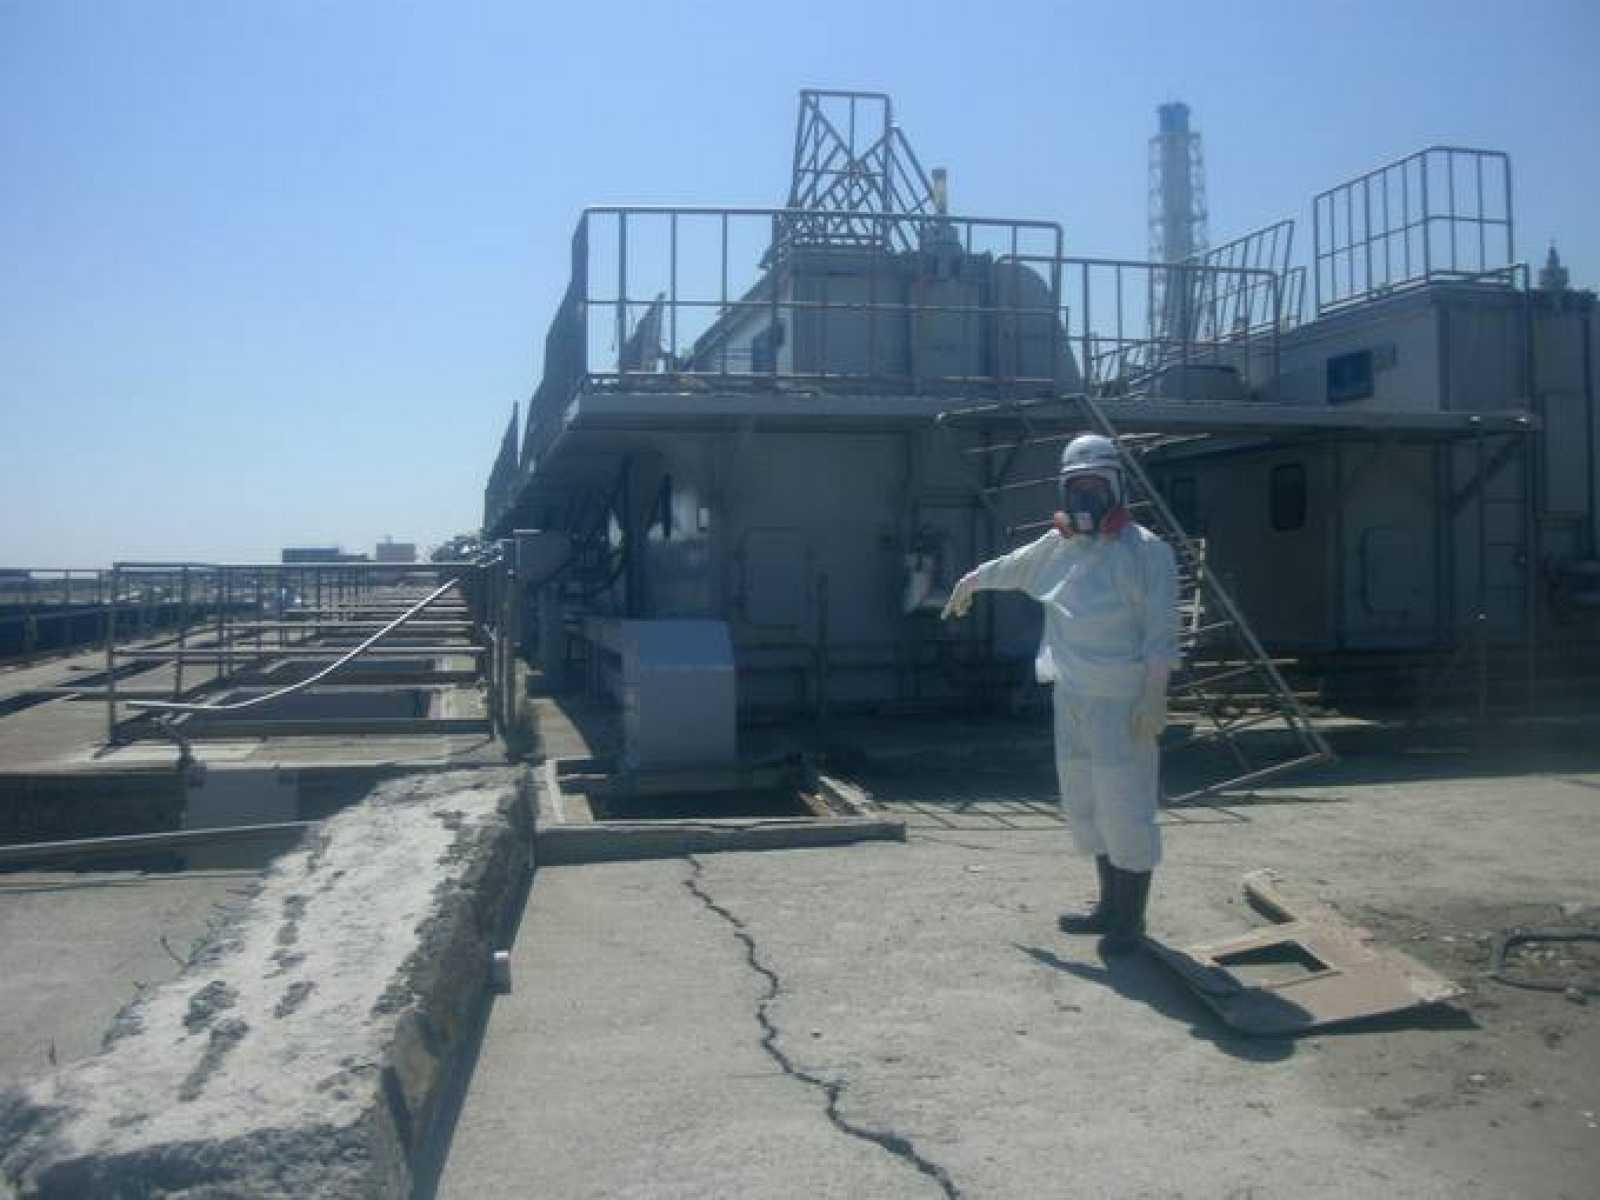 Se desconoce el procedimiento para desmantelar Fukushima pero será largo, complejo, arriesgado y caro